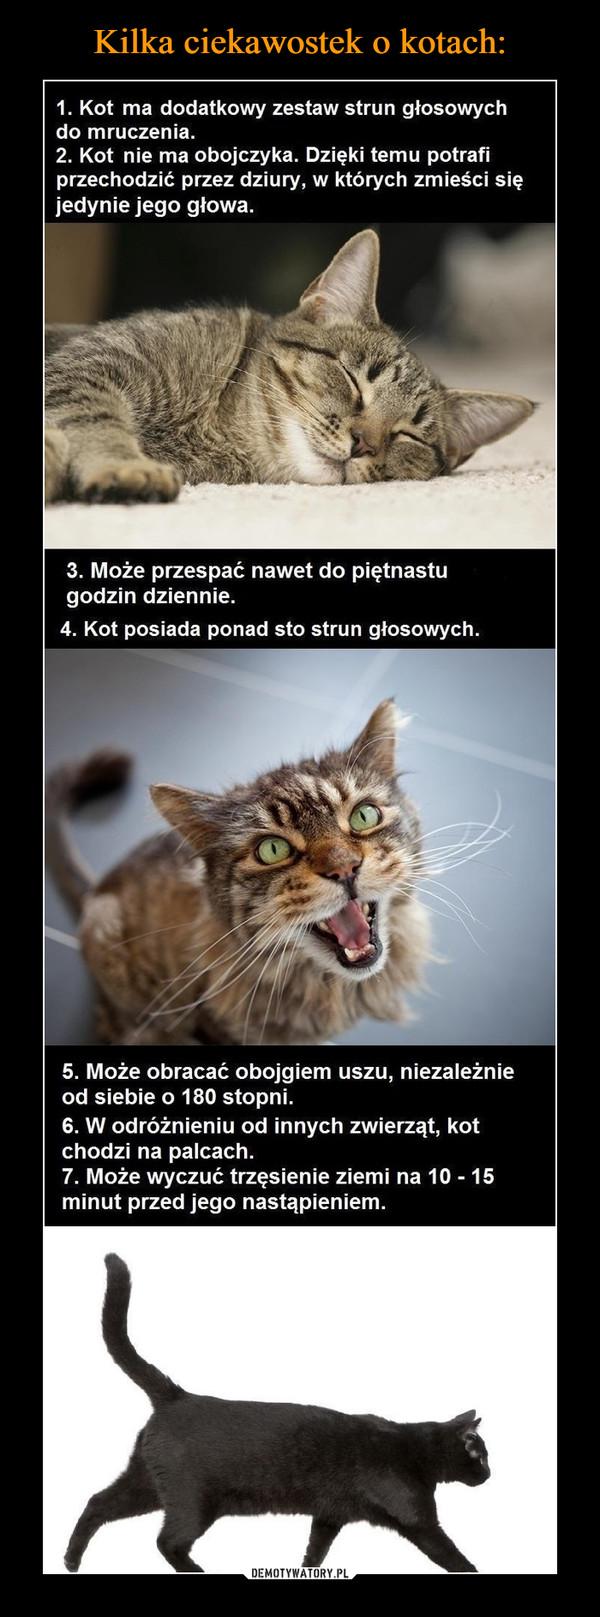 –  1. Kot ma dodatkowy zestaw strun głosowychdo mruczenia.2. Kot nie ma obojczyka. Dzięki temu potrafiprzechodzić przez dziury, w których zmieści sięjedynie jego głowa. 3. Może przespać nawet do piętnastugodzin dziennie.4. Kot posiada ponad sto strun głosowych. 5. Może obracać obojgiem uszu, niezależnieod siebie o 180 stopni.6. W odróżnieniu od innych zwierząt, kotchodzi na palcach.7. Może wyczuć trzęsienie ziemi na 10 -15minut przed jego nastąpieniem.